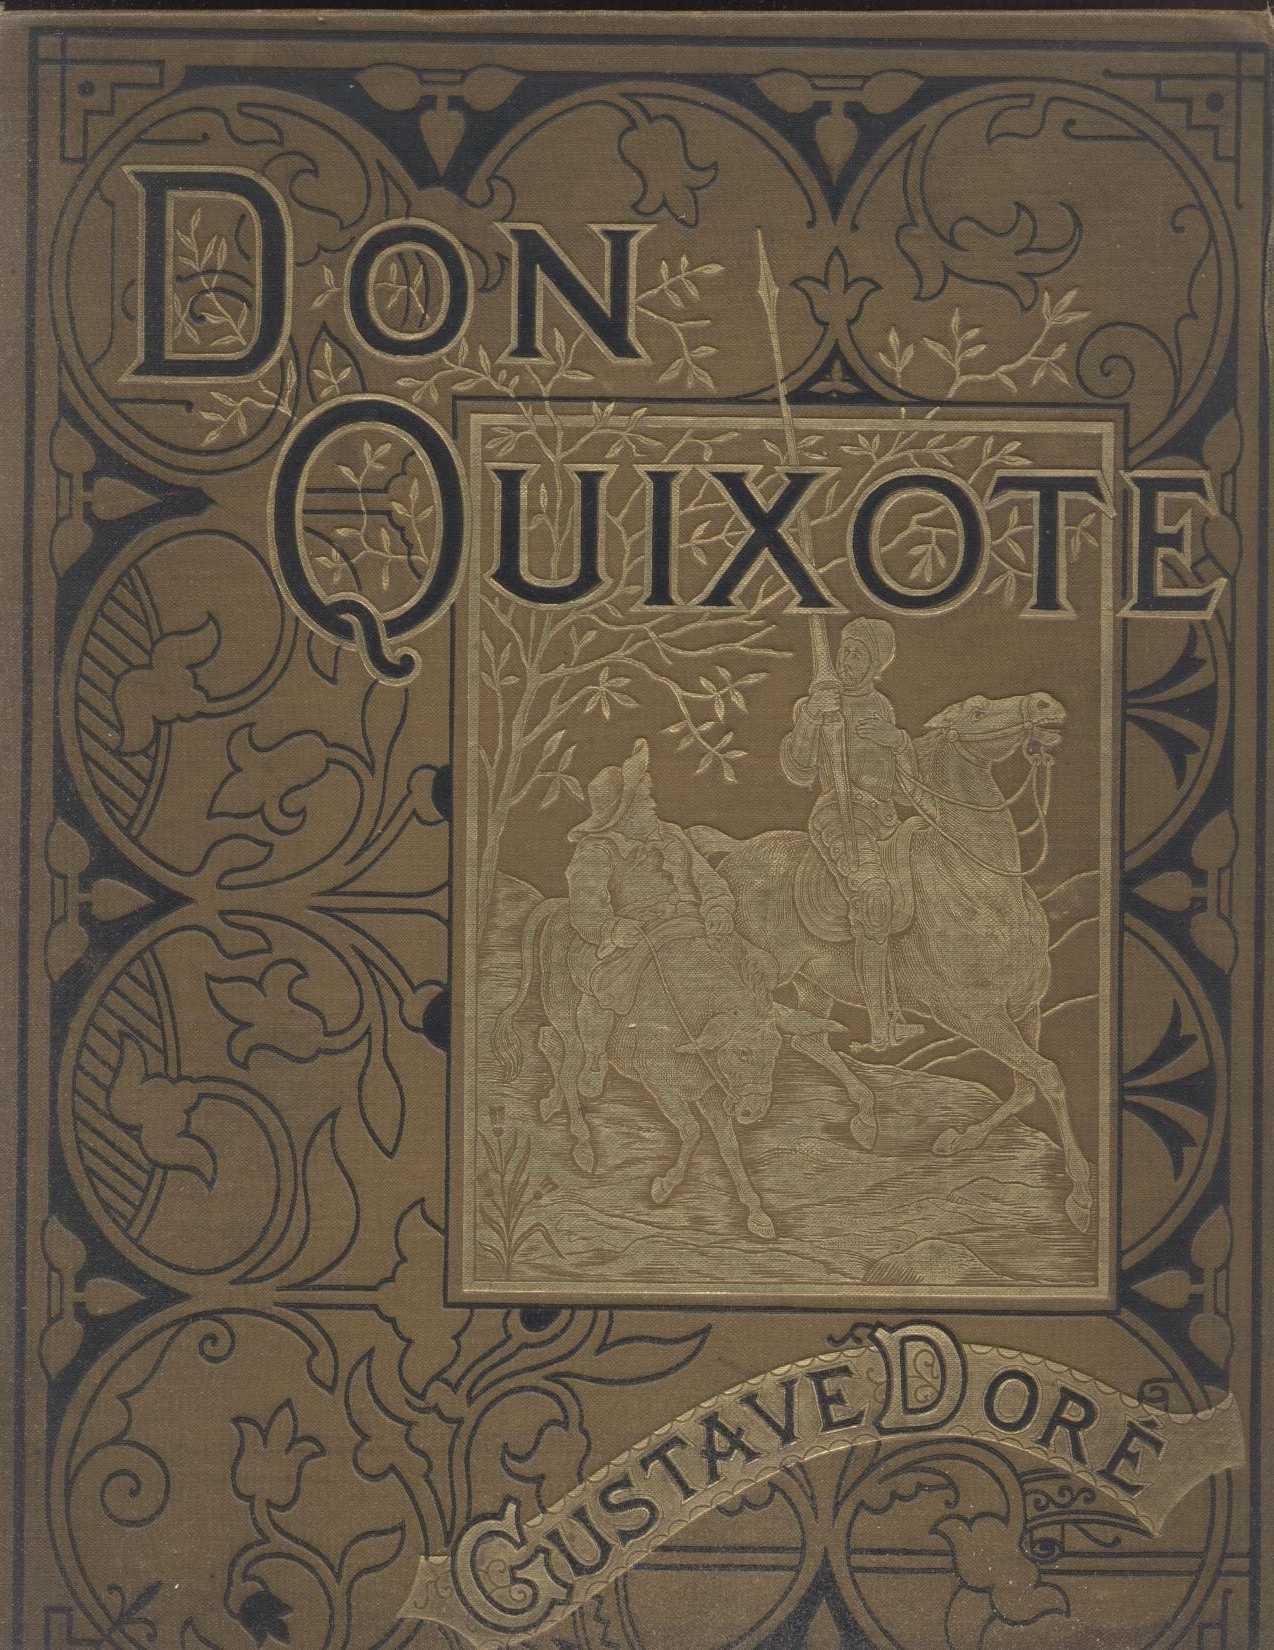 The History Of Don Quixote By Cervantes Vol Ii Part 21